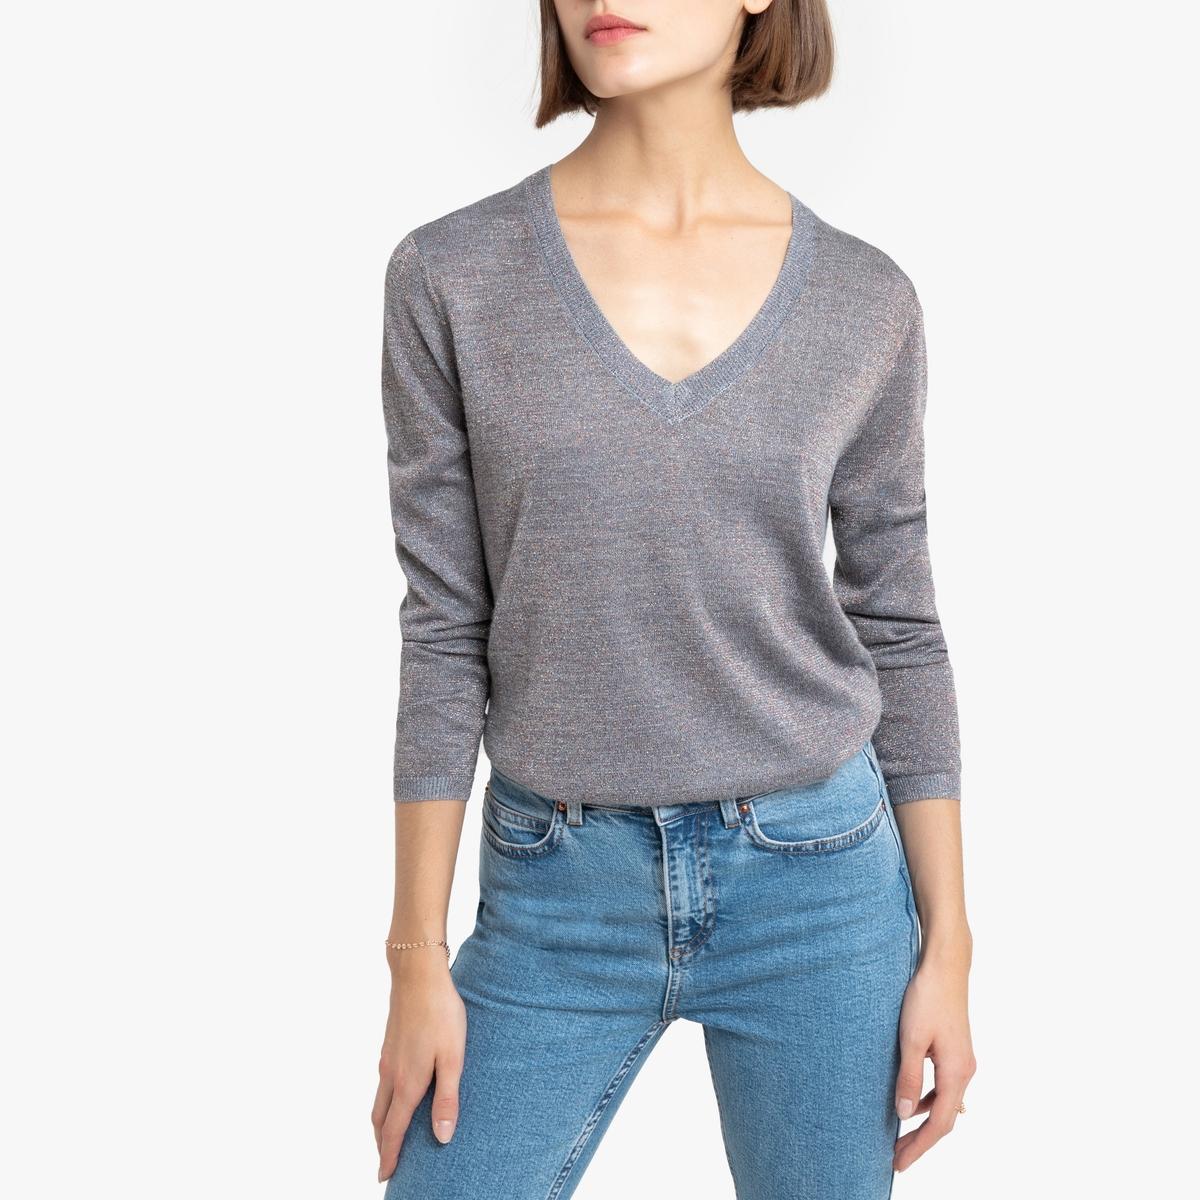 Пуловер La Redoute С V-образным вырезом и волокнами с металлическим блеском Mael S серый цены